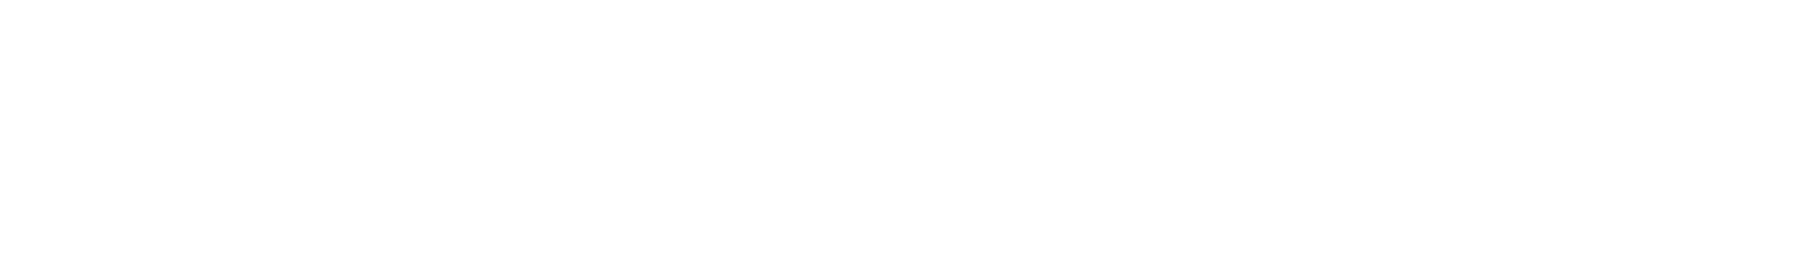 03 dh2 piano loop f 124